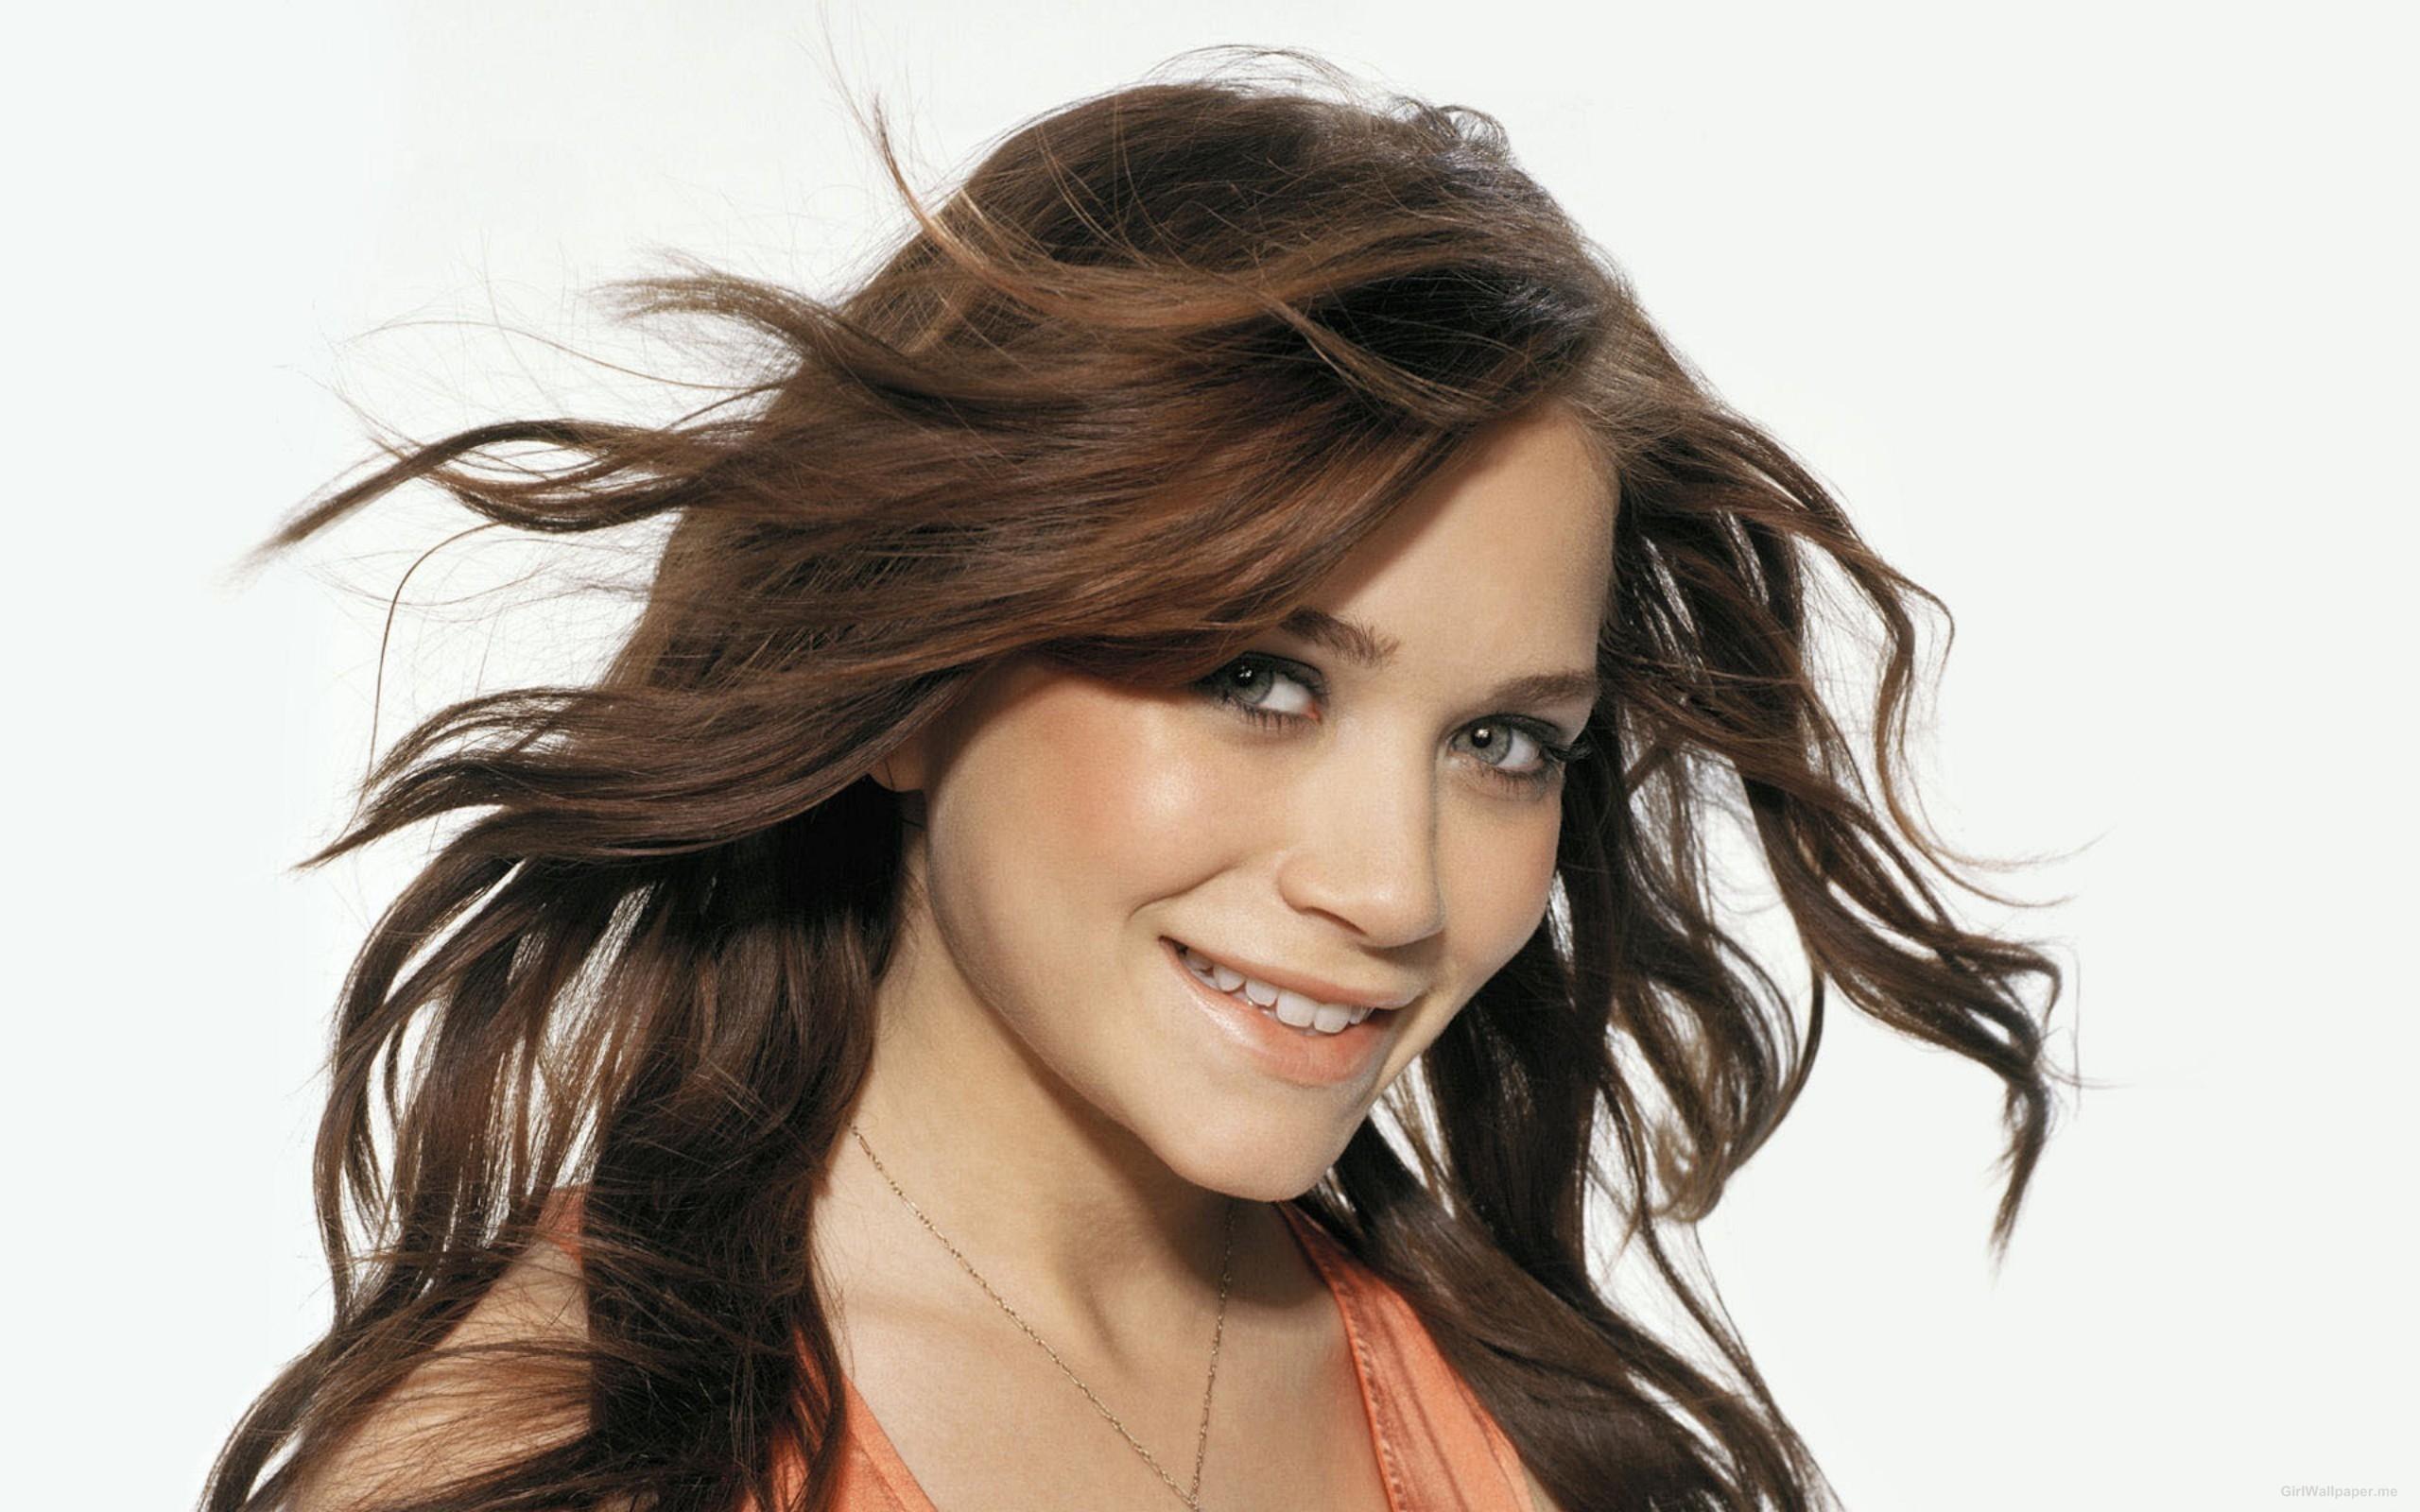 Wallpaper Face Model Long Hair Celebrity Singer